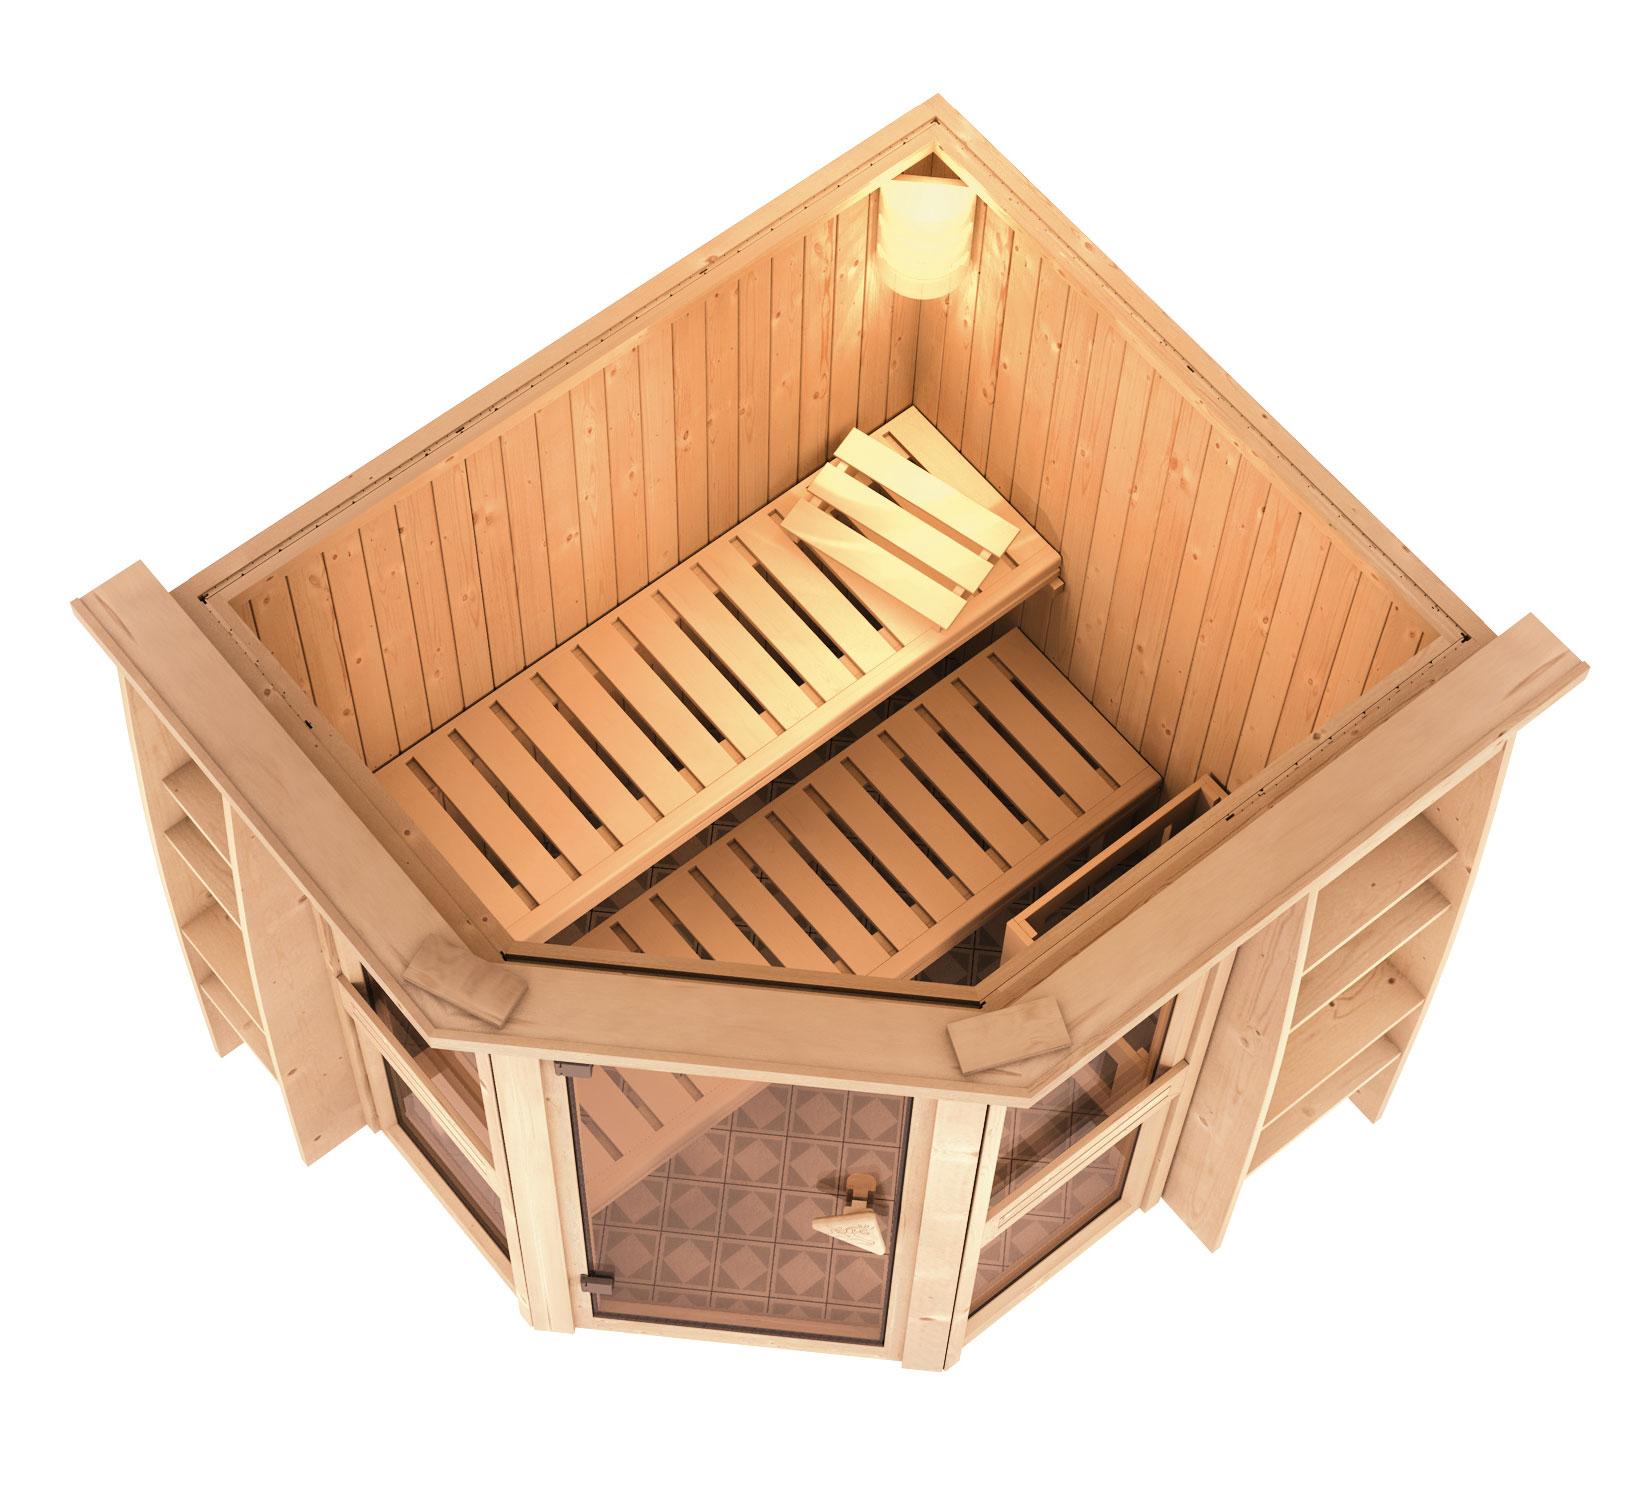 karibu sauna amelia1 68mm mit ofen 9kw intern classic t r. Black Bedroom Furniture Sets. Home Design Ideas